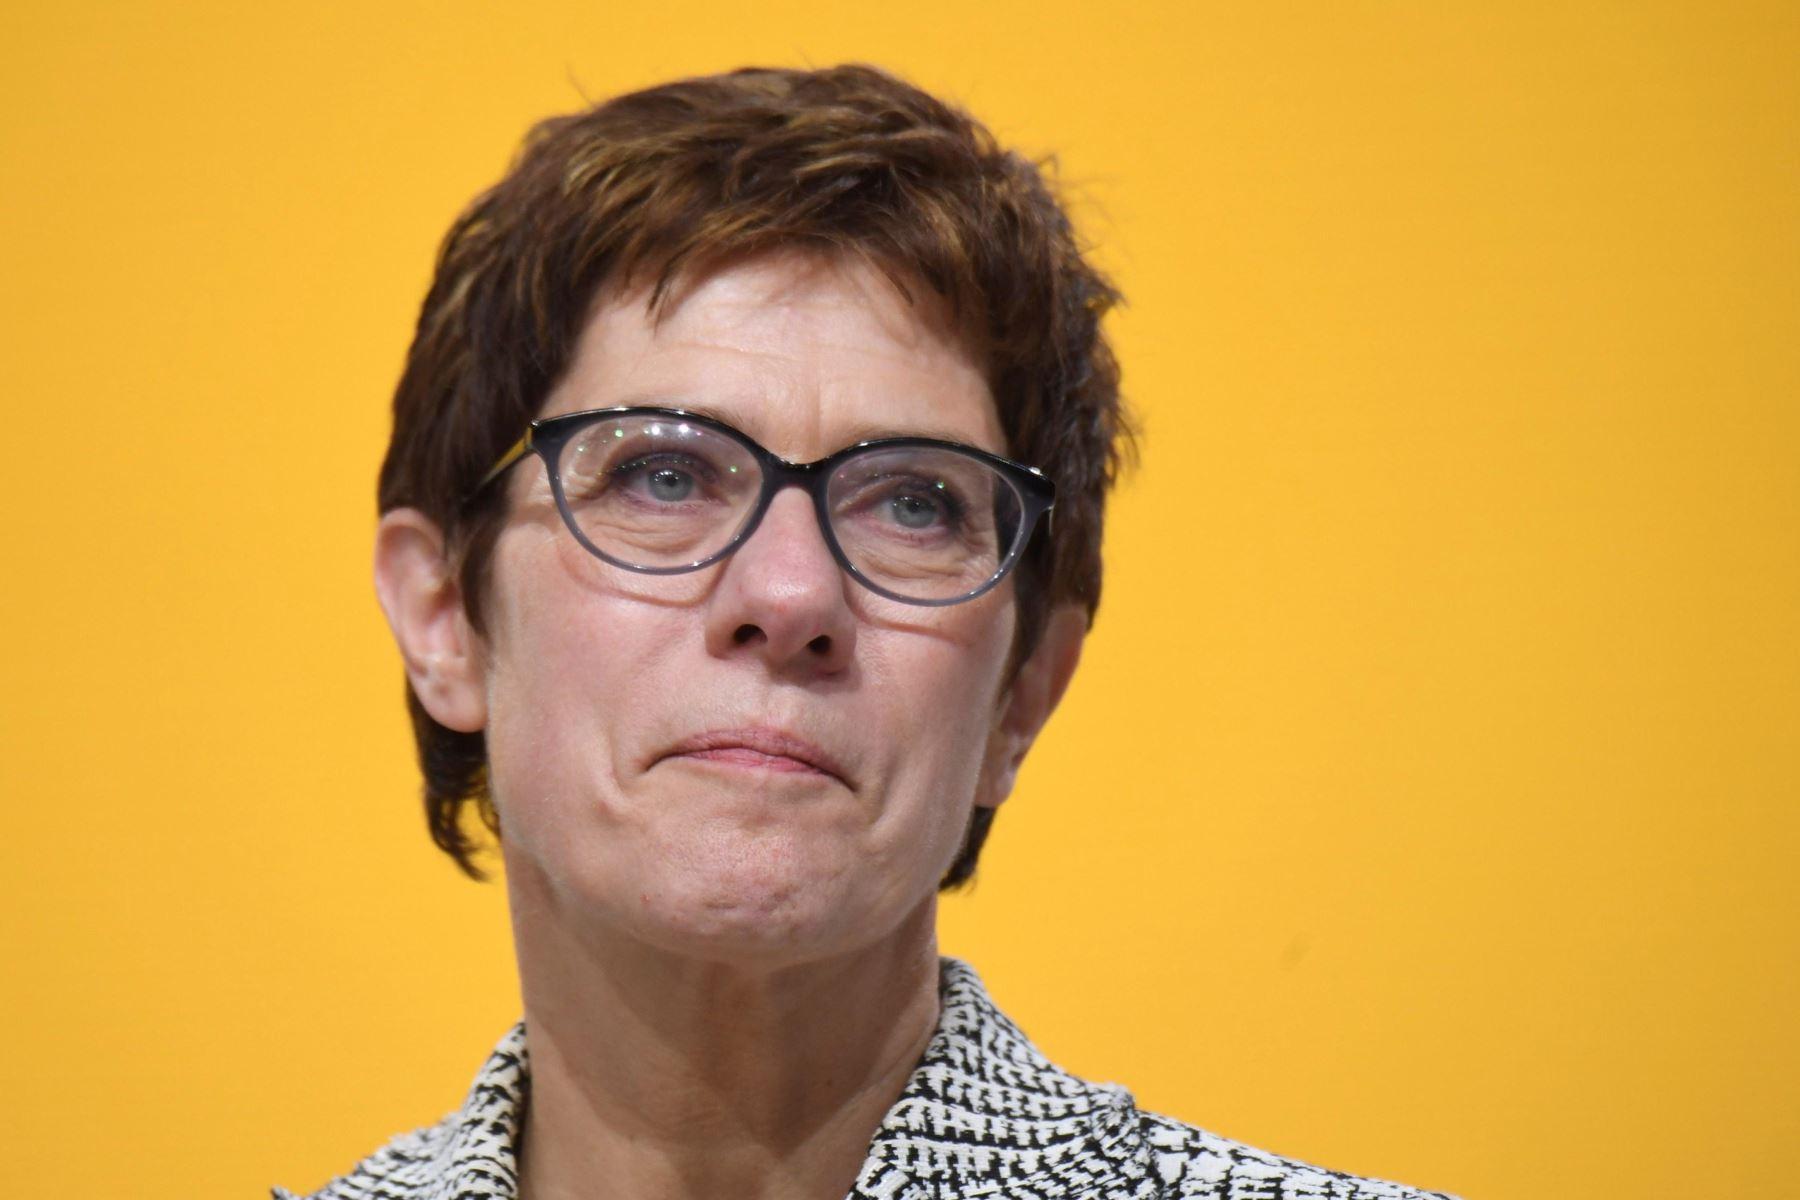 Annegret Kramp-Karrenbauer reacciona tras ser elegida como nueva presidenta del partido Unión Cristianodemócrata alemana (CDU) Foto: EFE